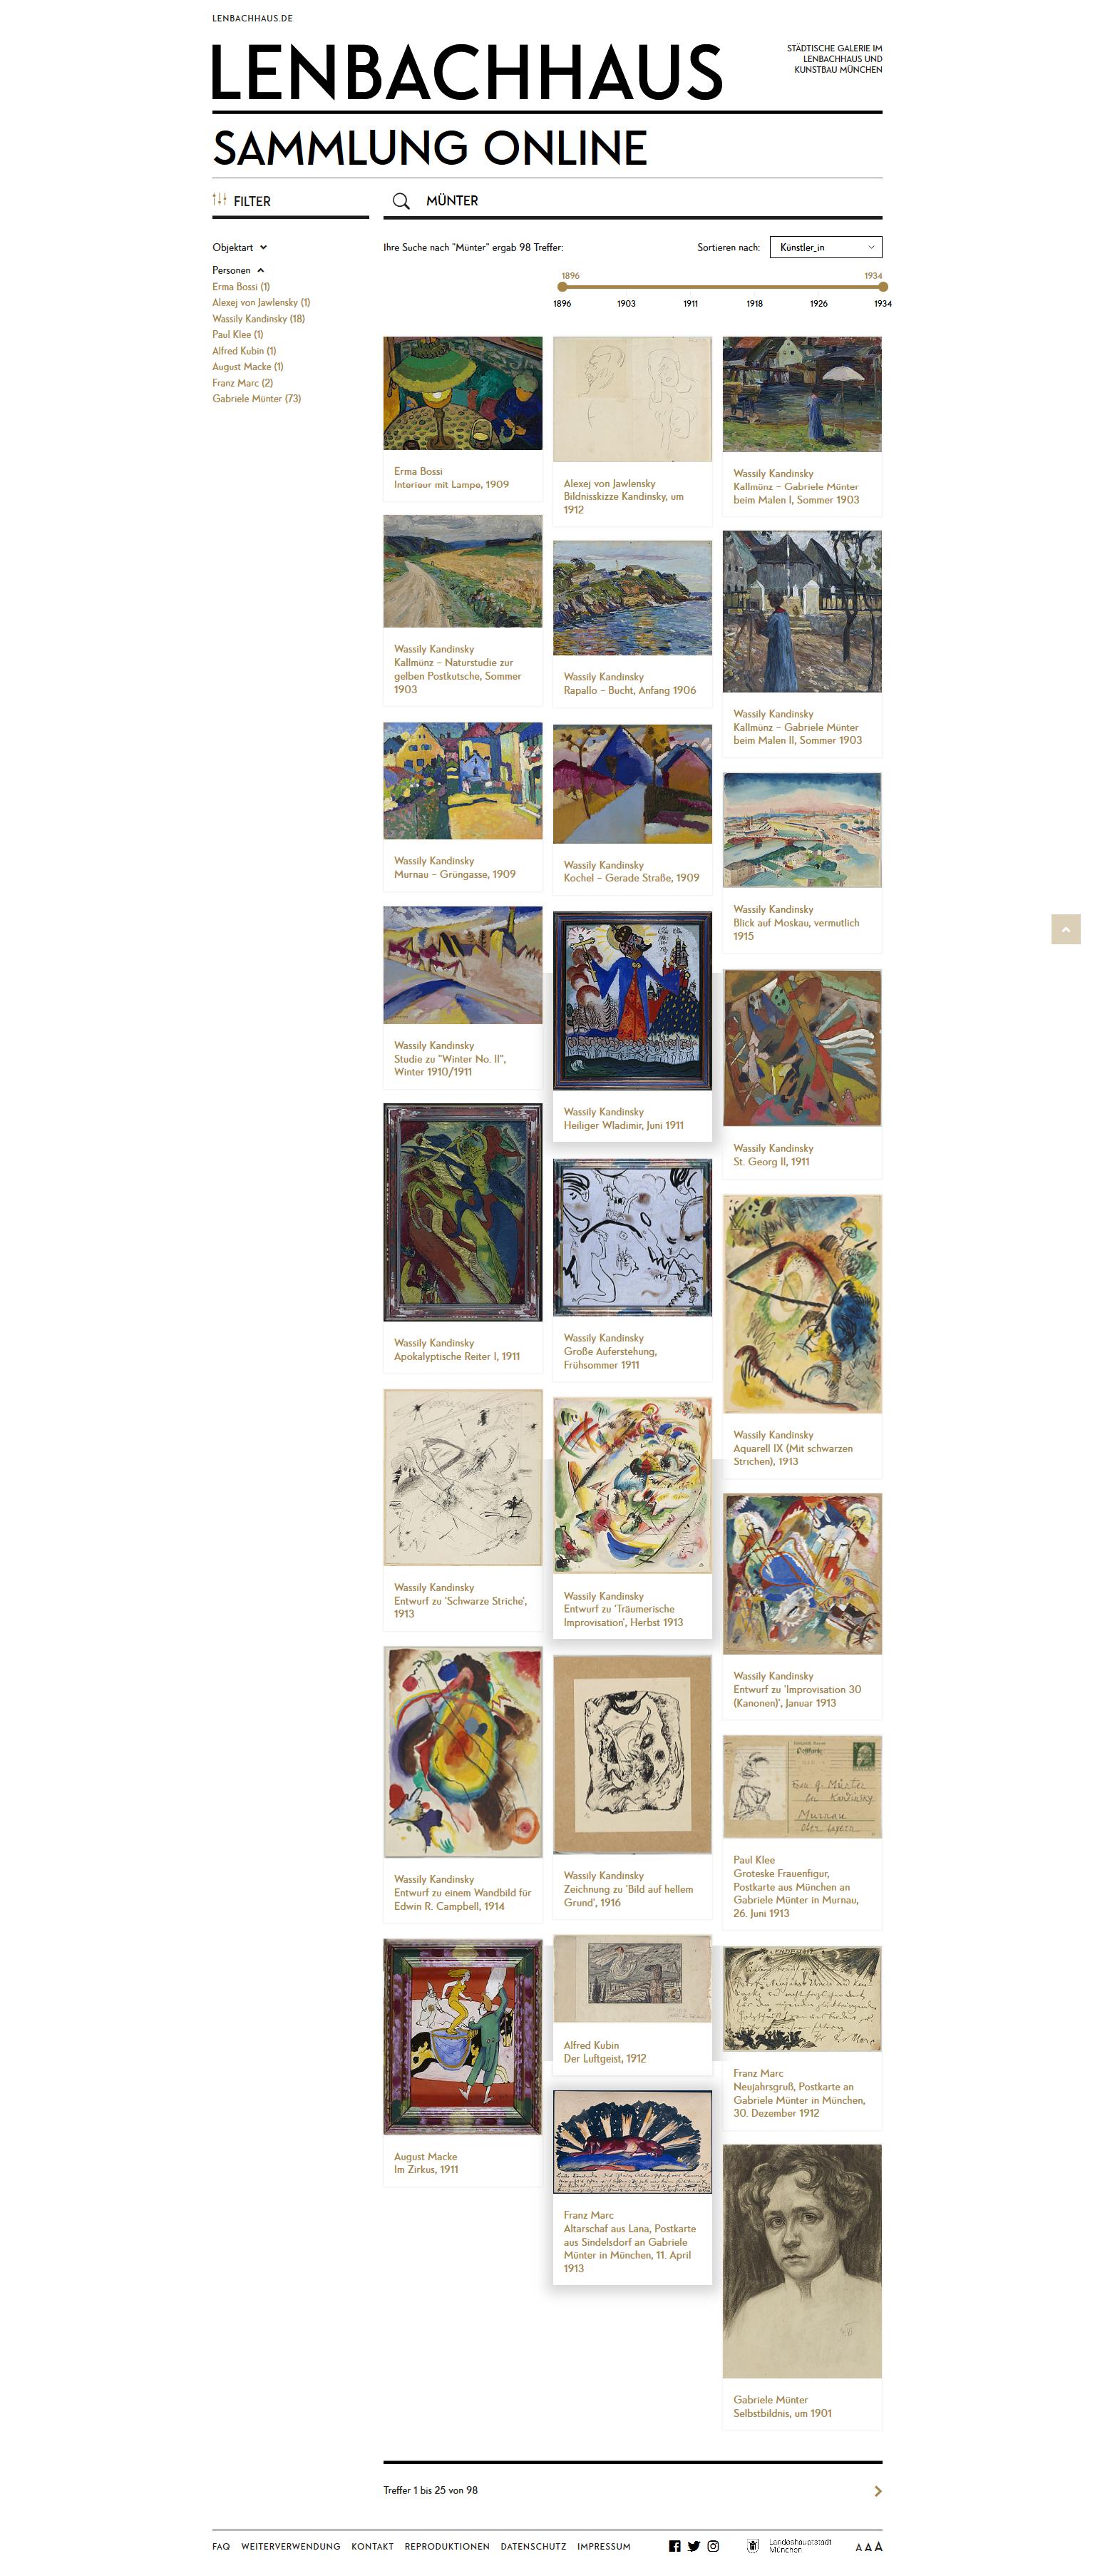 Trefferanzeige bei der Suche in der Sammlung Online des Lenbachhaus